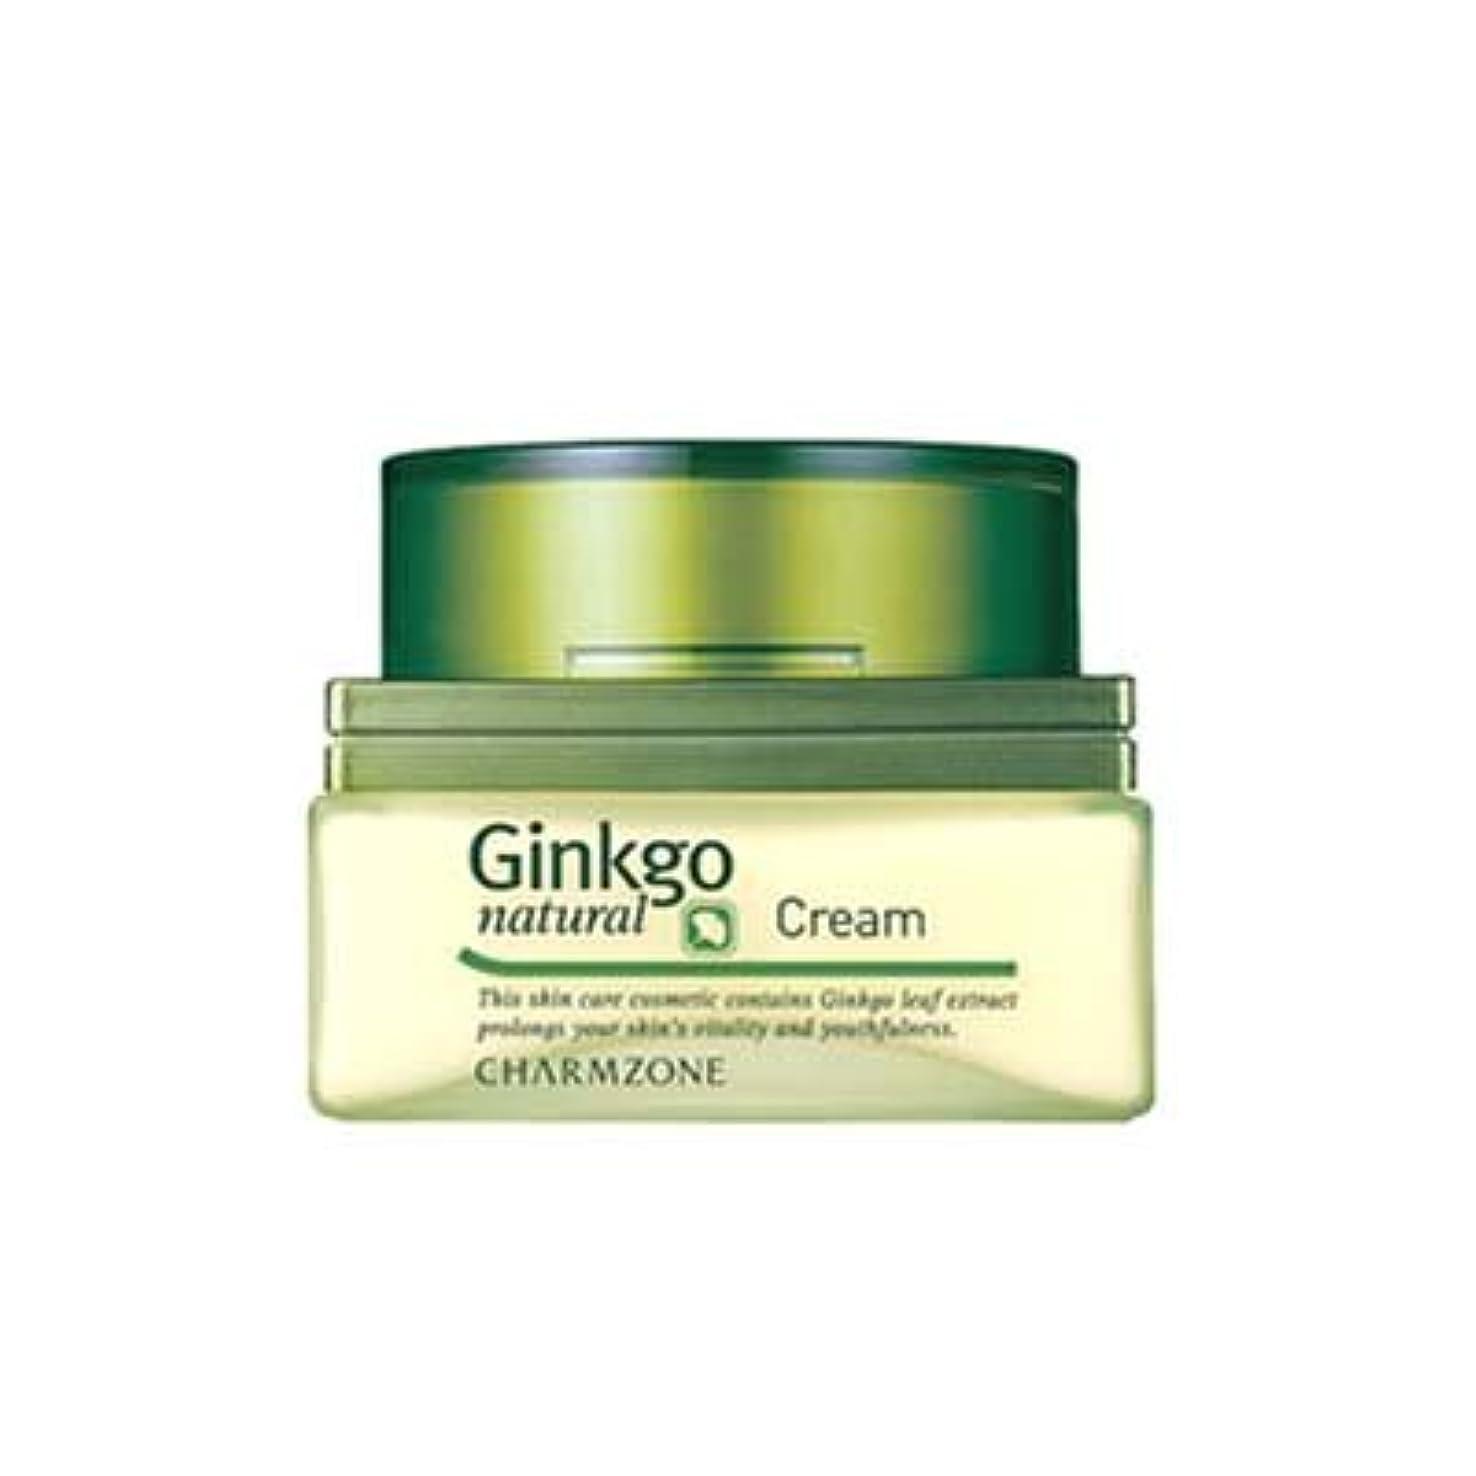 農場あさりファントムチャームゾーン Ginkgo natural (ジンコナチュラル) クリーム 60ml